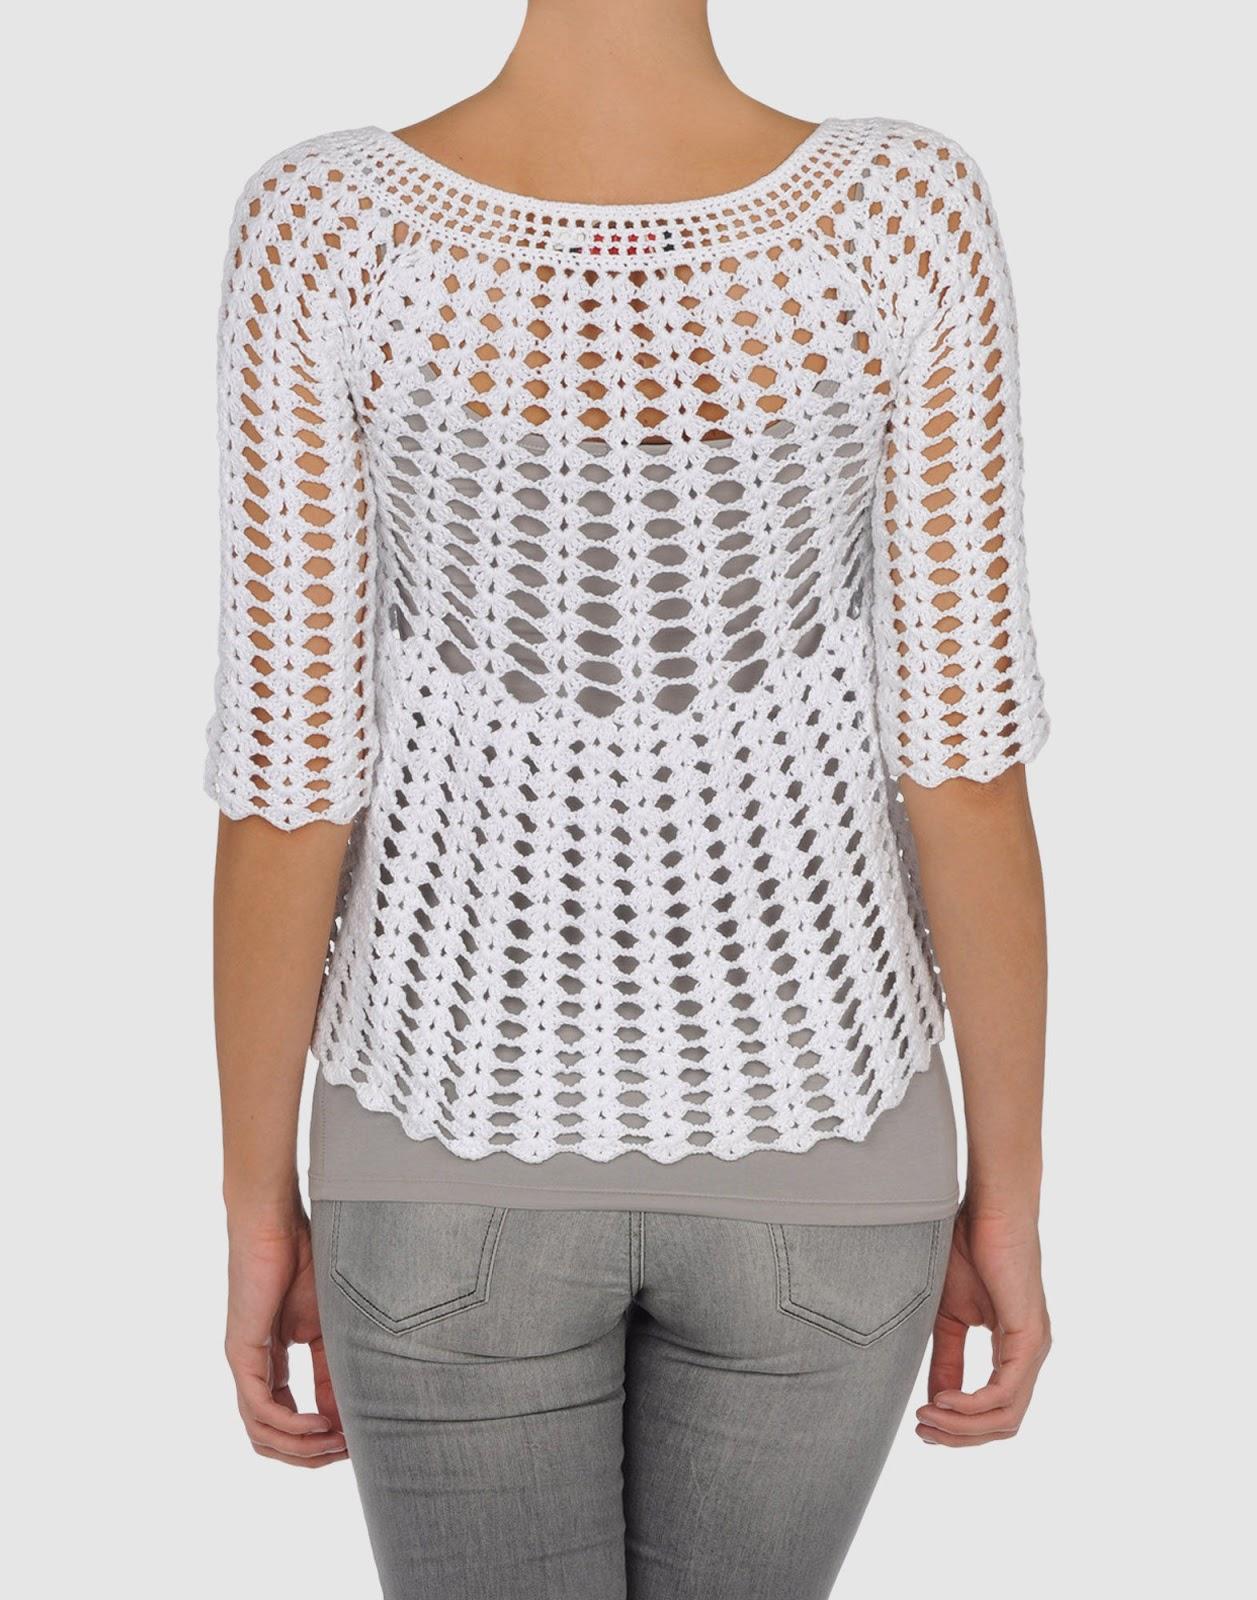 Mirad que blusa tan preciosa!!! Crochetemodax396